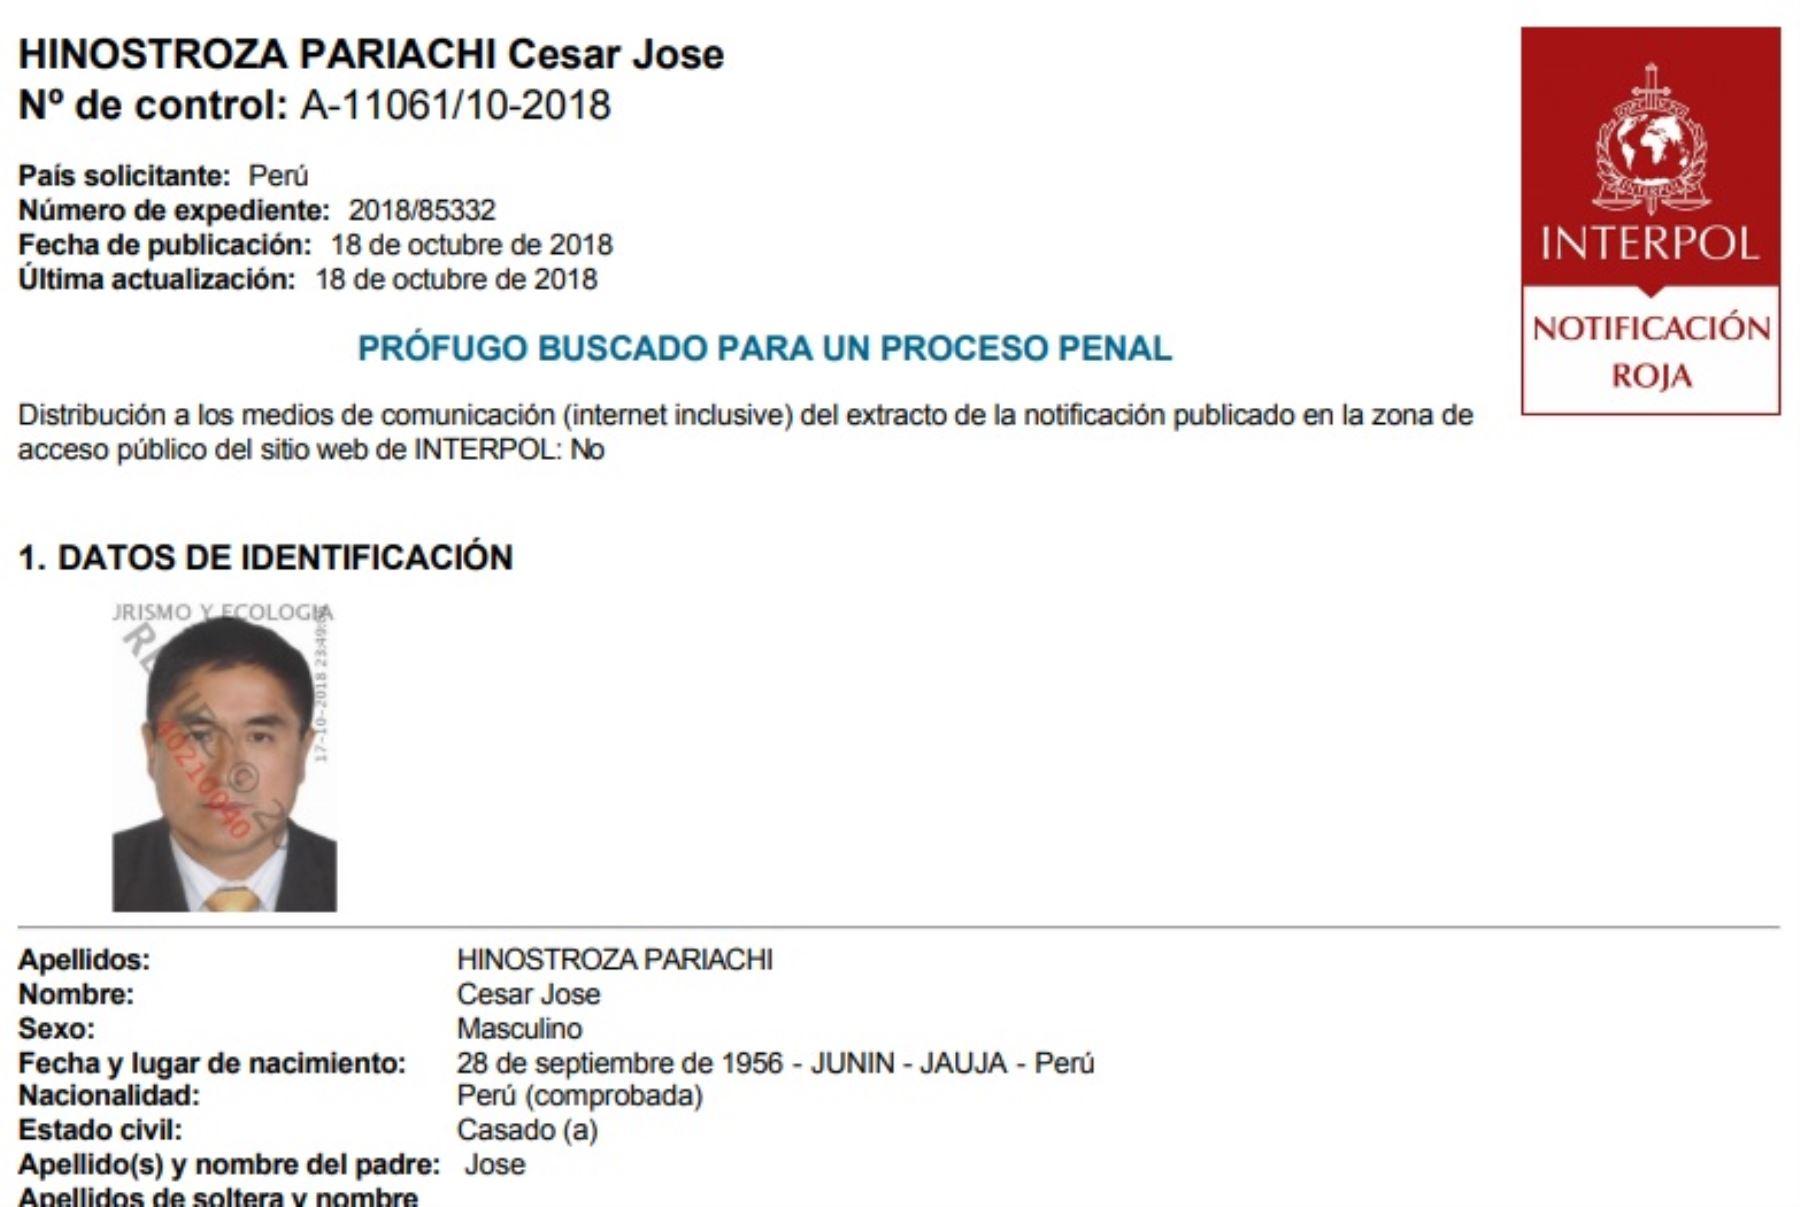 Interpol activa Notificación roja para la búsqueda y detención de exjuez César Hinostroza.